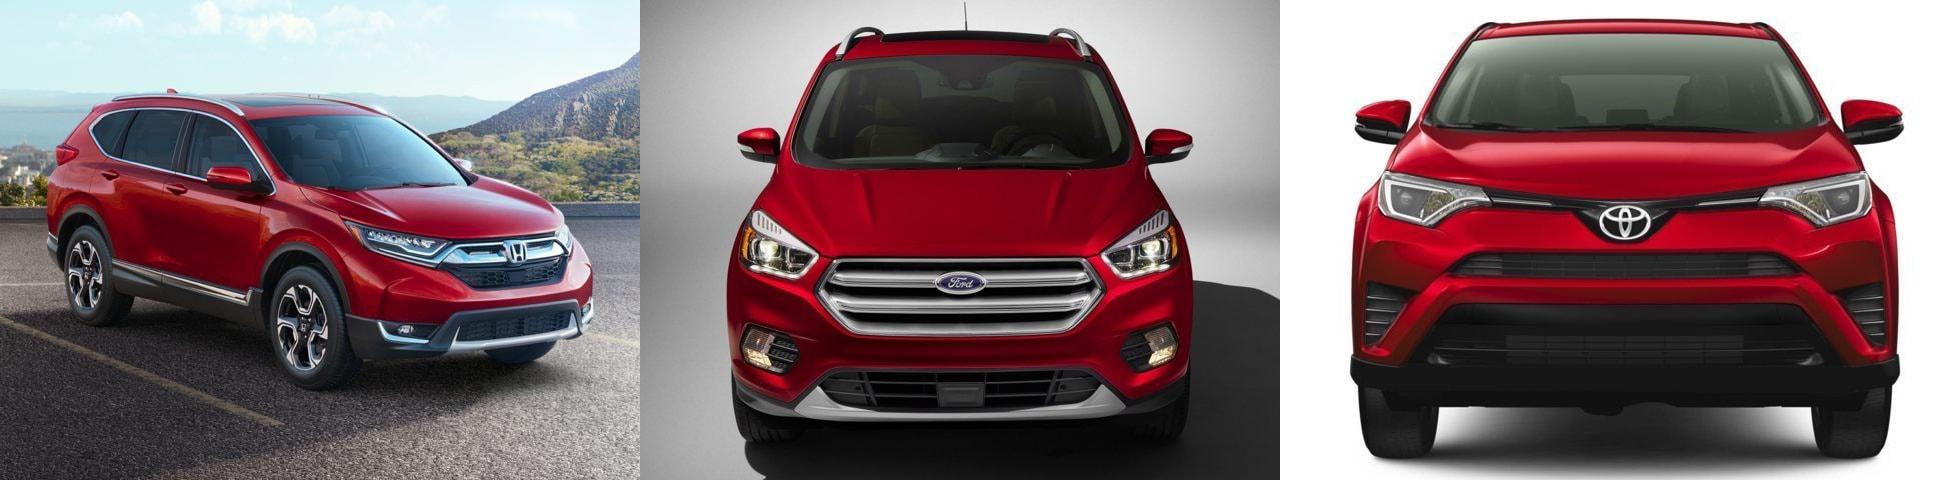 Compare the 2017 Escape SUV to CRV  RAV4 at Medford Ford  New